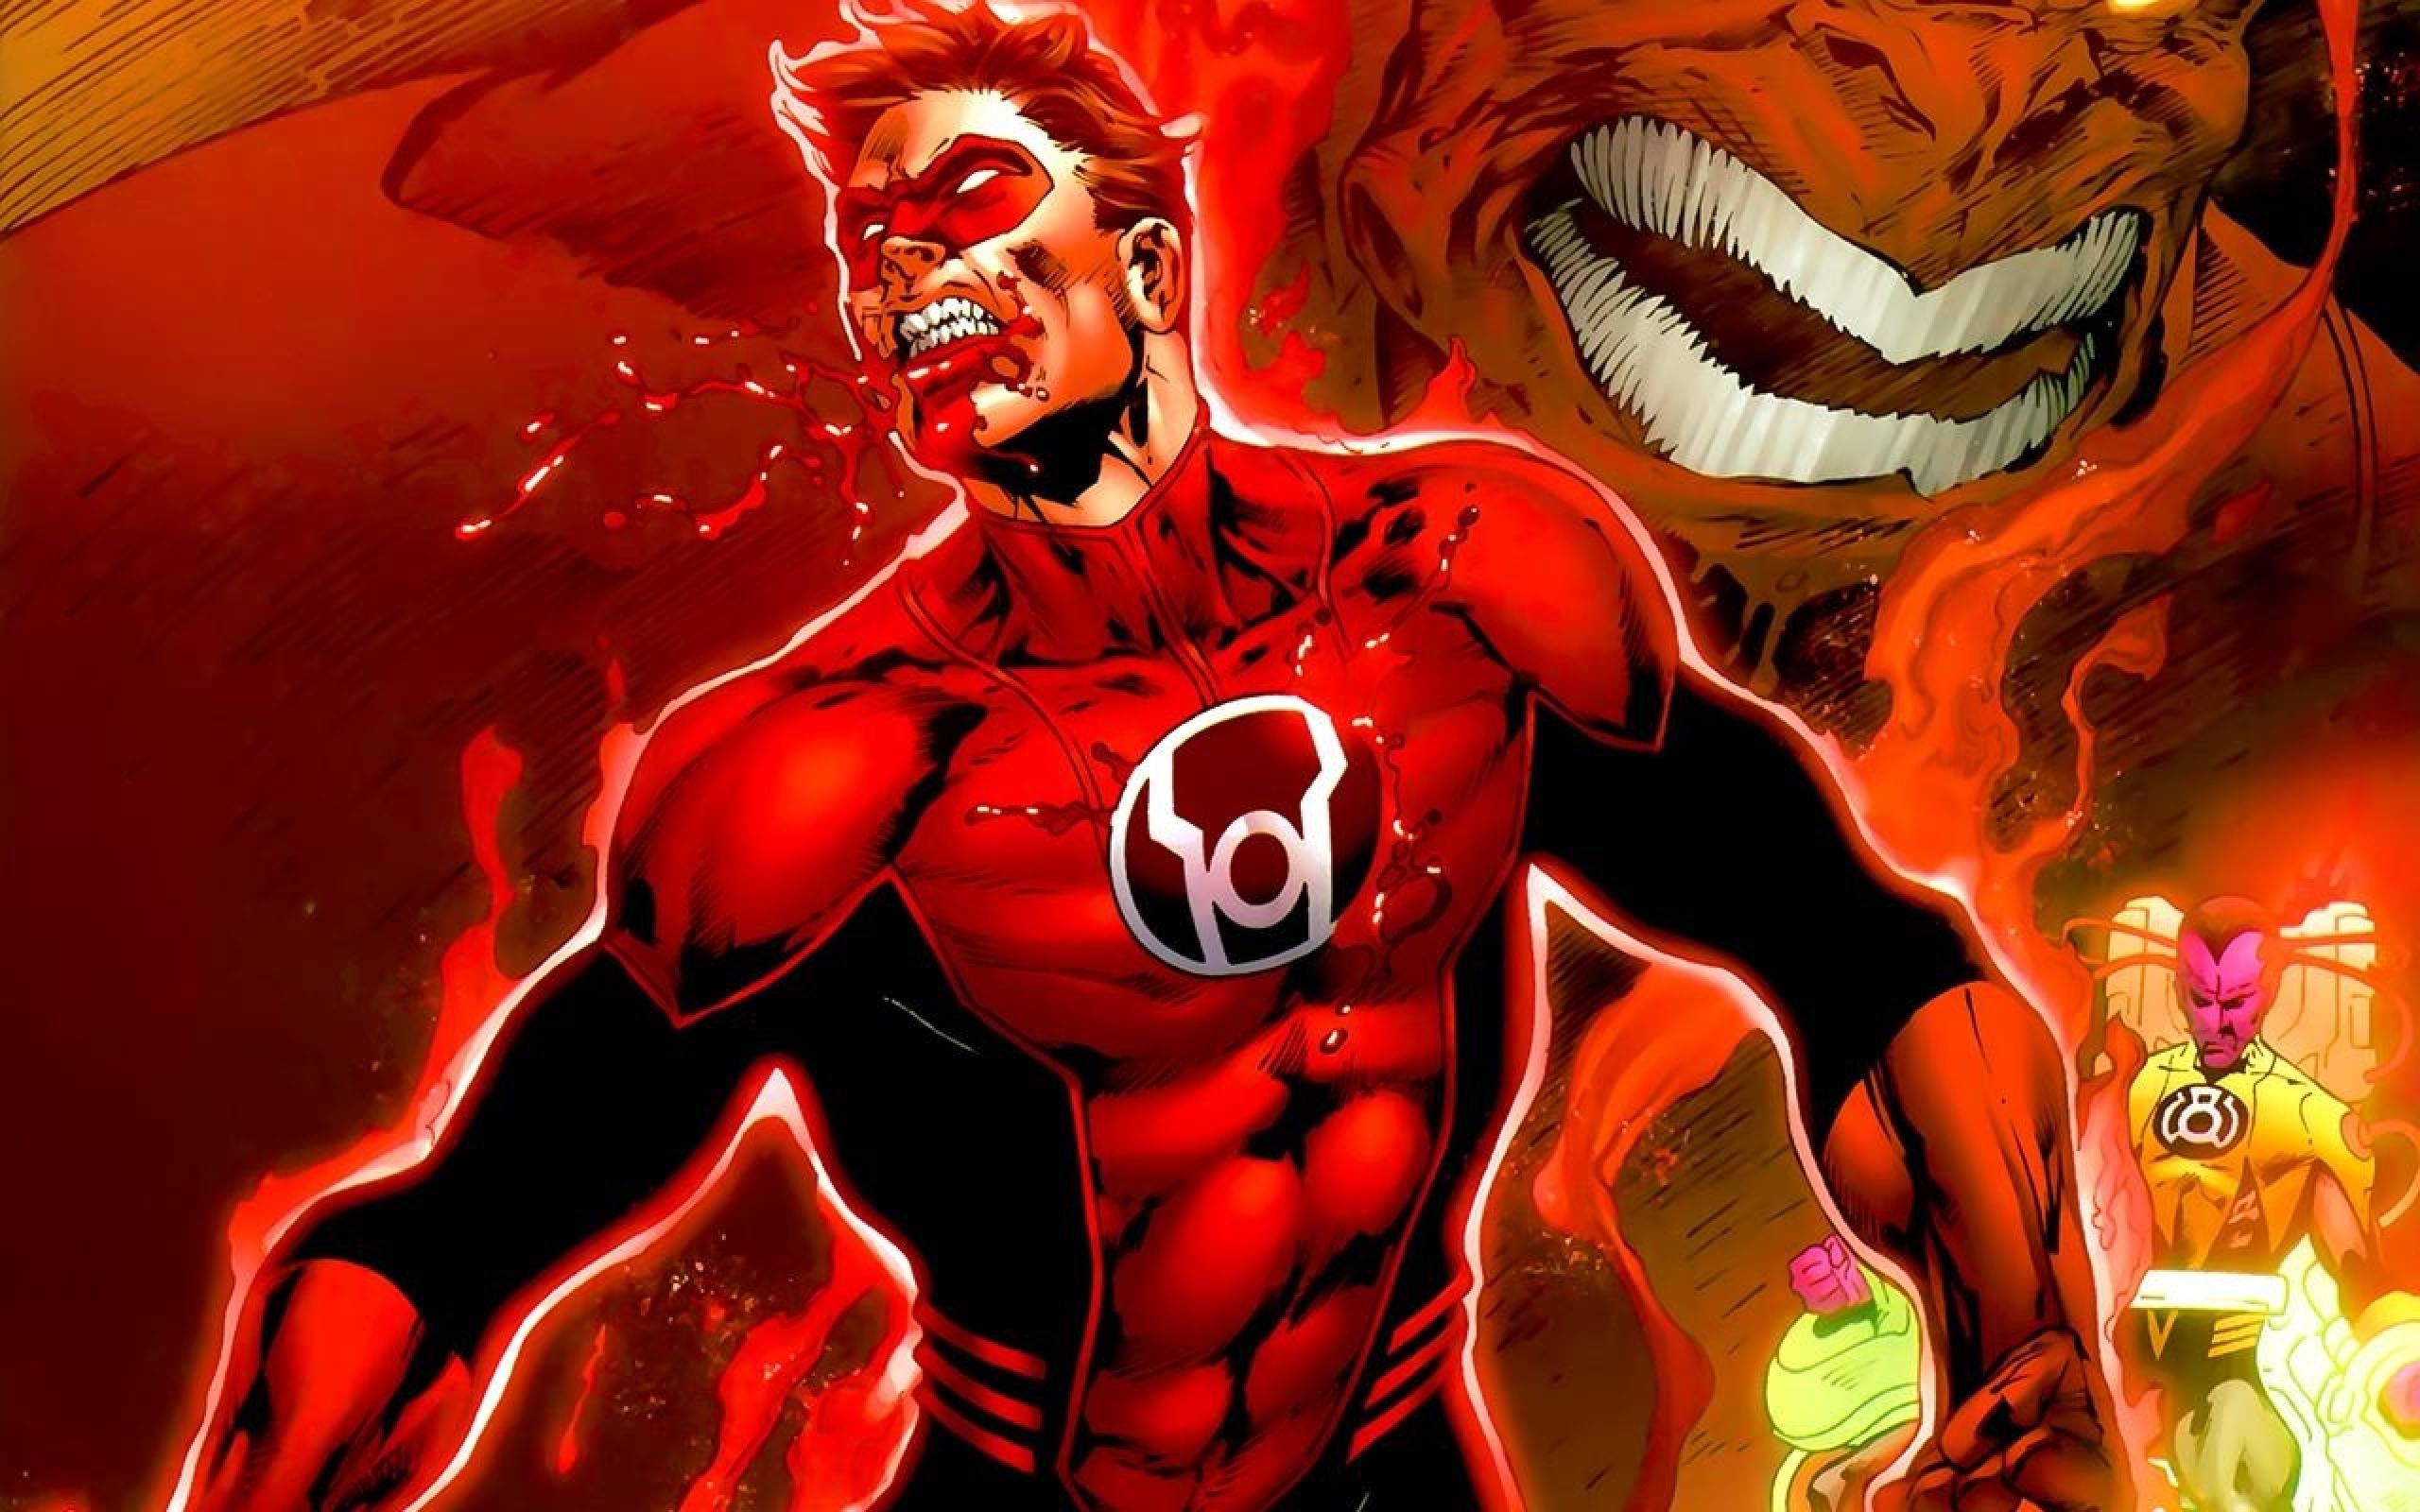 lantern comics red lantern corps 1280x800 wallpaper Art HD Wallpaper 2560x1600